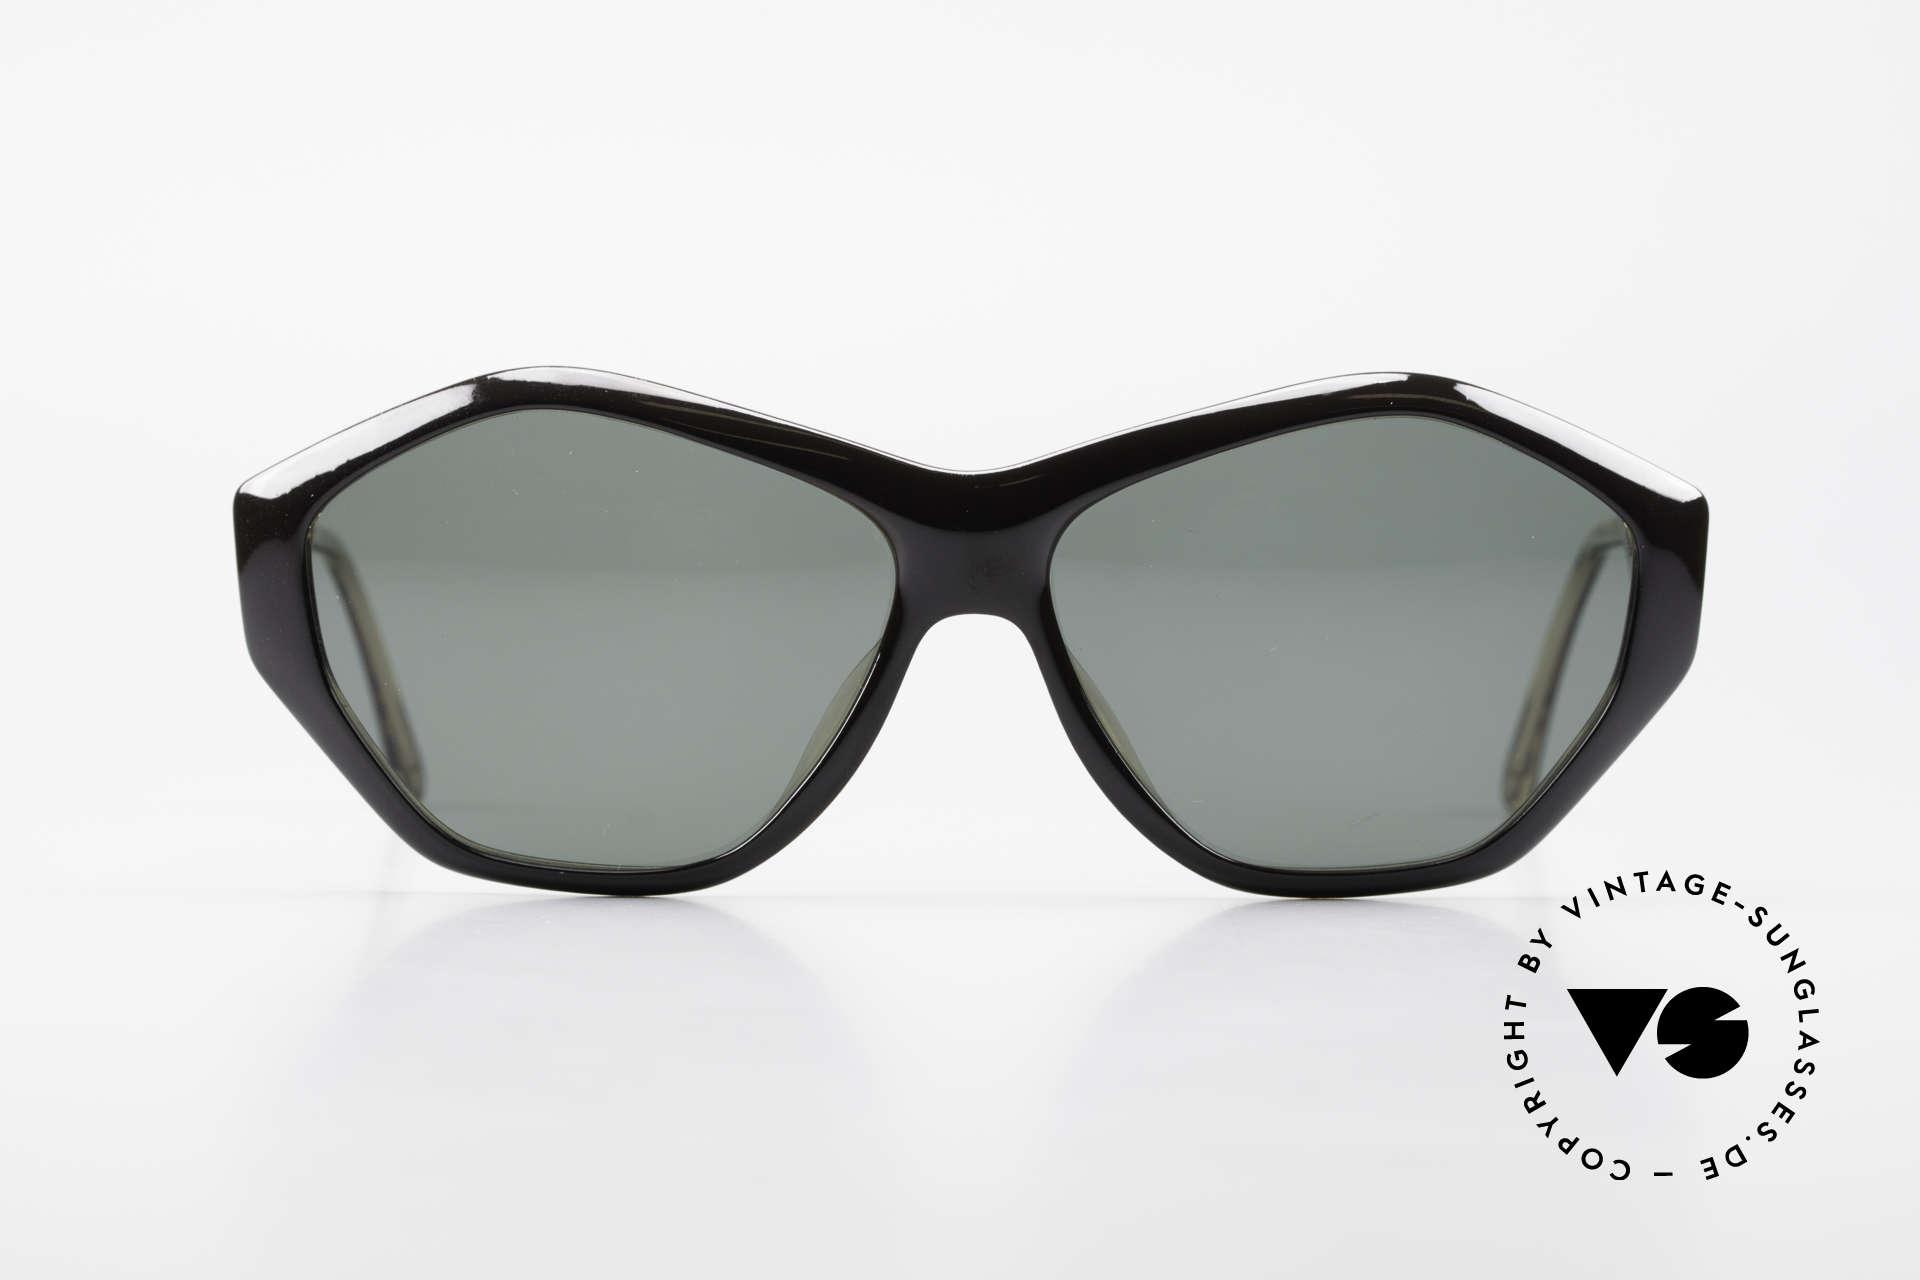 Paloma Picasso 1463 90er Damen Sonnenbrille Optyl, spektakuläre Form mit temperamentvollen Muster, Passend für Damen